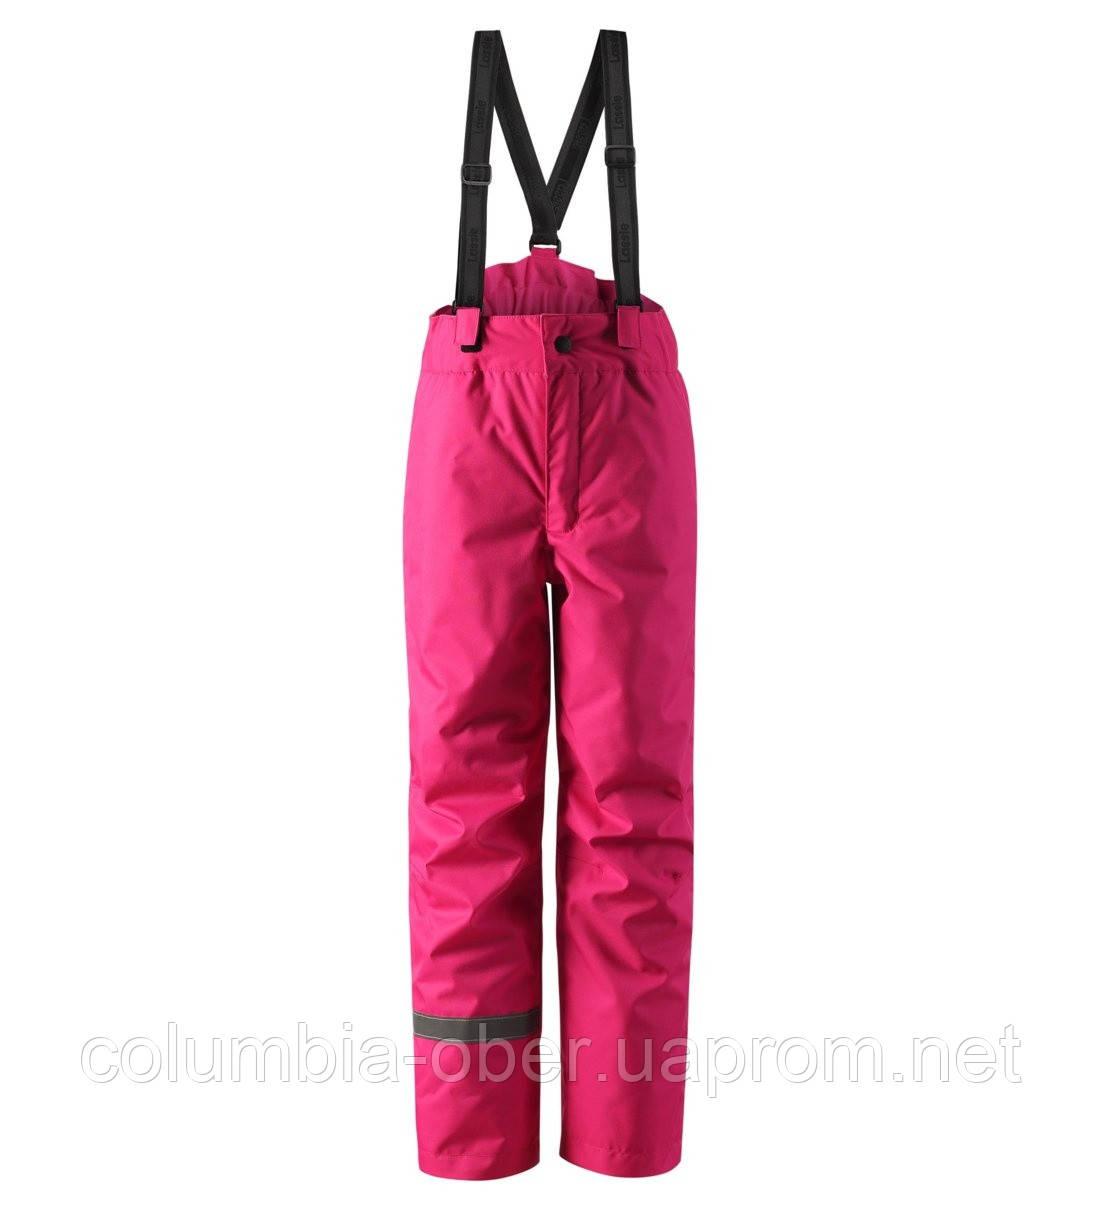 Зимние штаны на подтяжках для девочки Lassie by Reima Taila 722733.9-4690. Размеры 92 - 122.